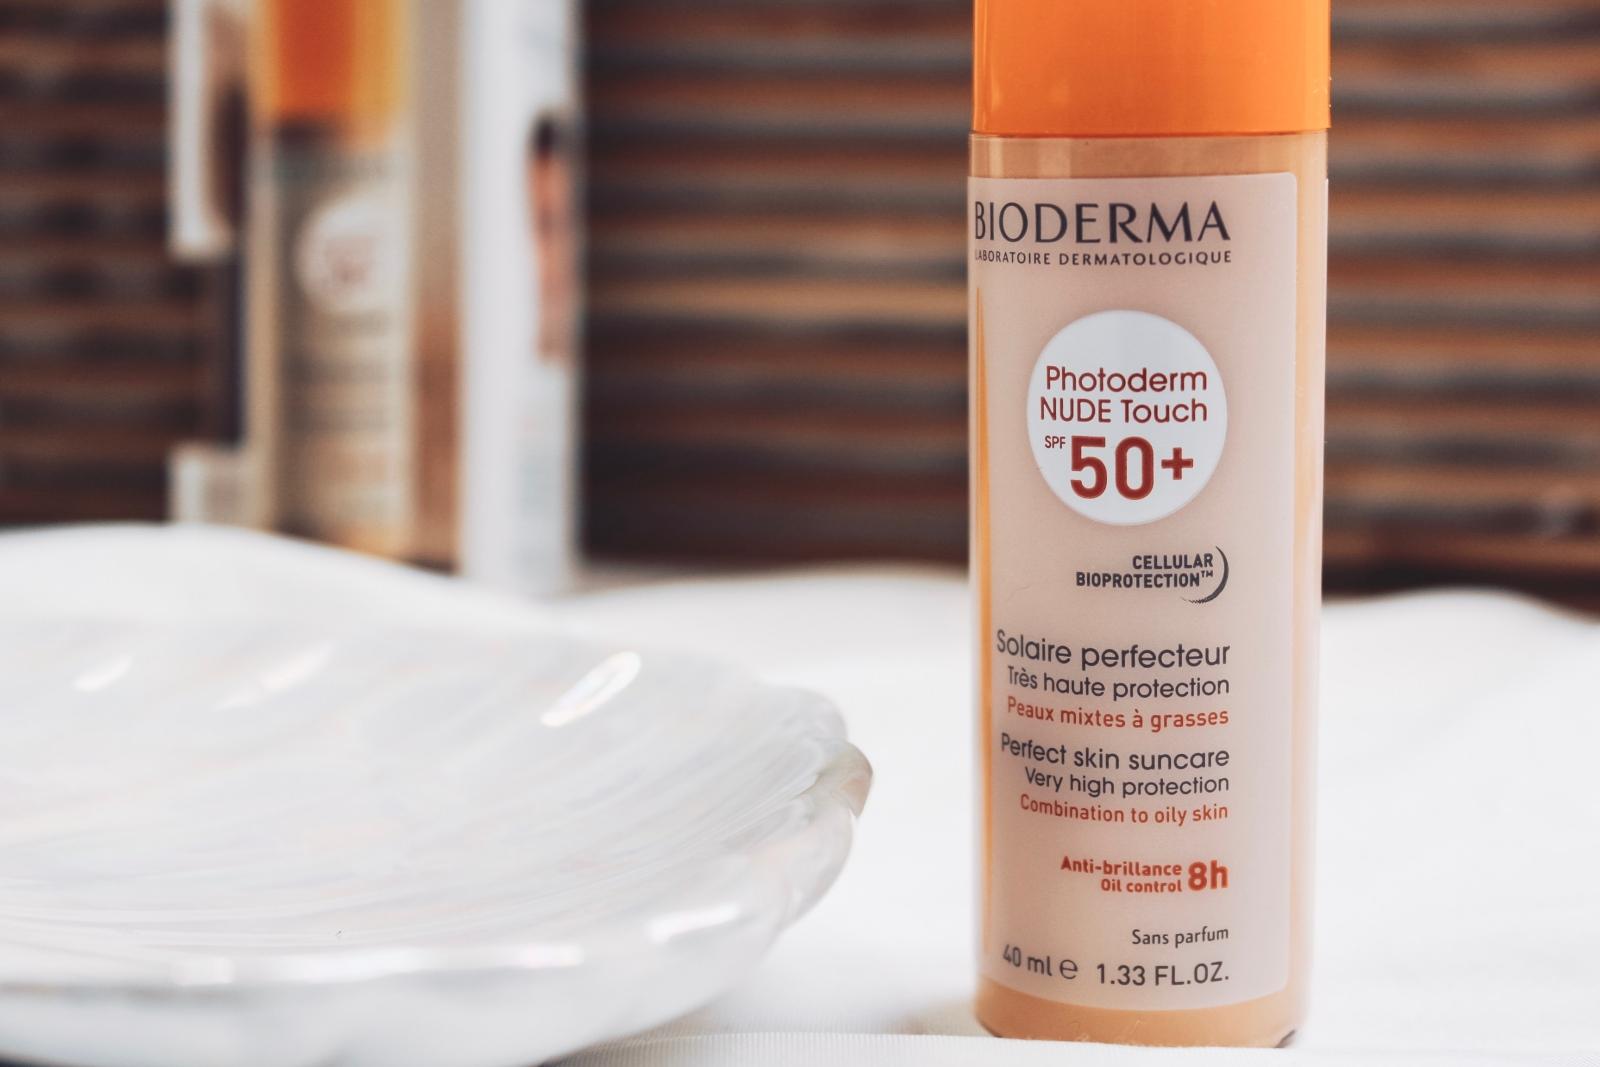 Podkład Bioderma Photoderm Nude Touch SPF 50+